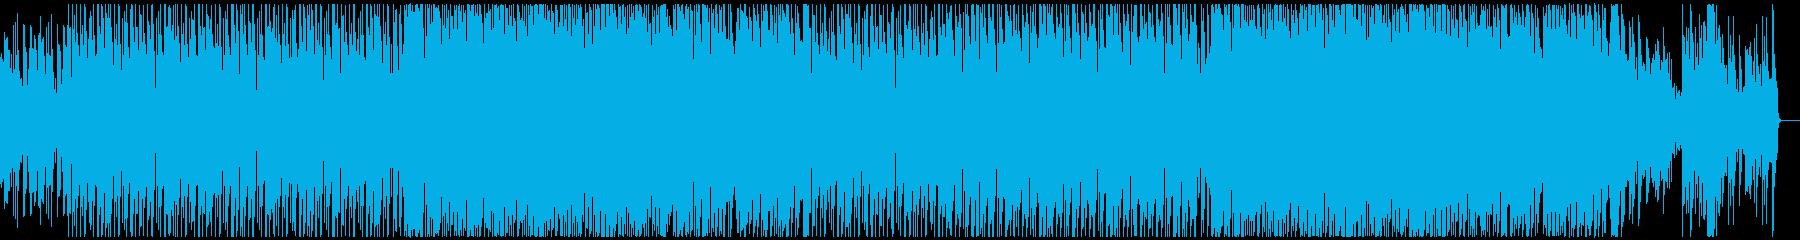 ピアノとバイオリンが絡み合うテクノポップの再生済みの波形